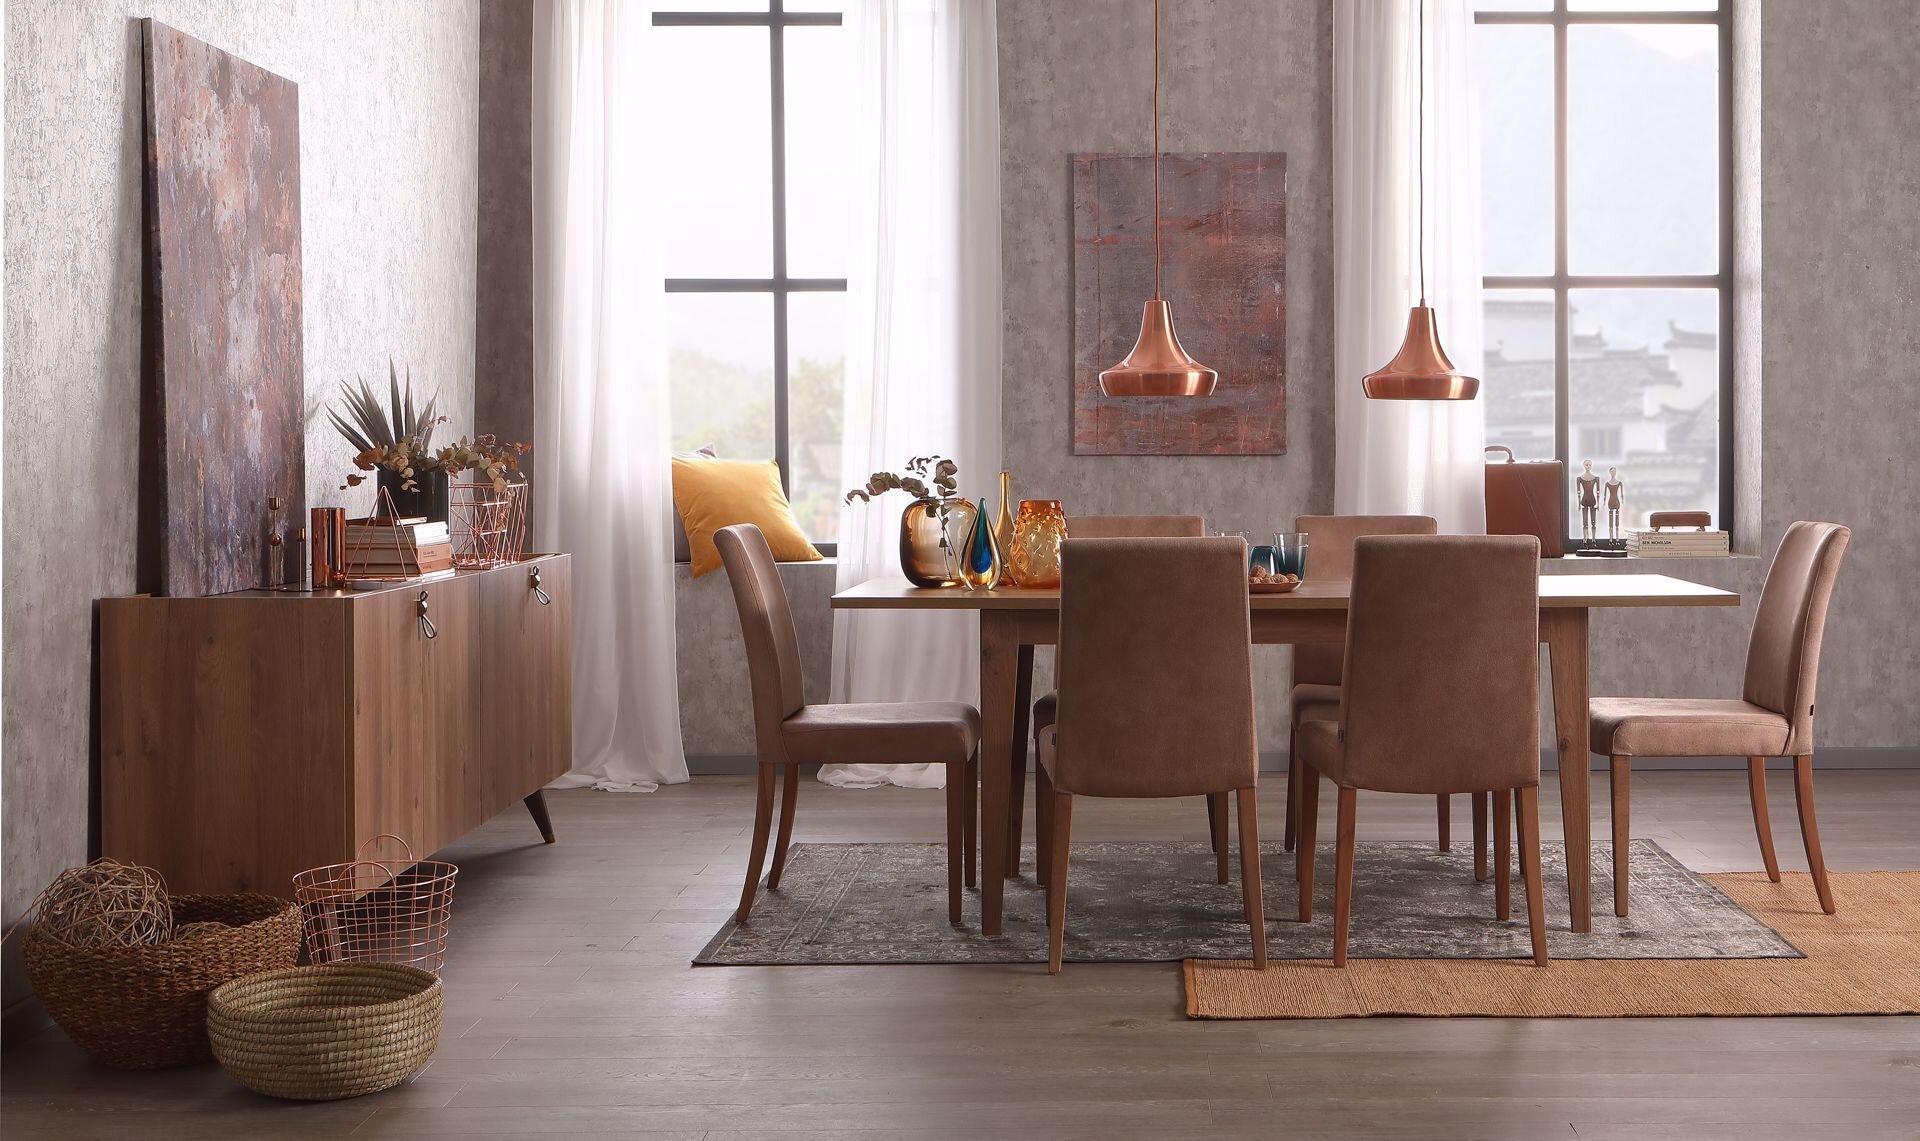 Ravenna Dining Room